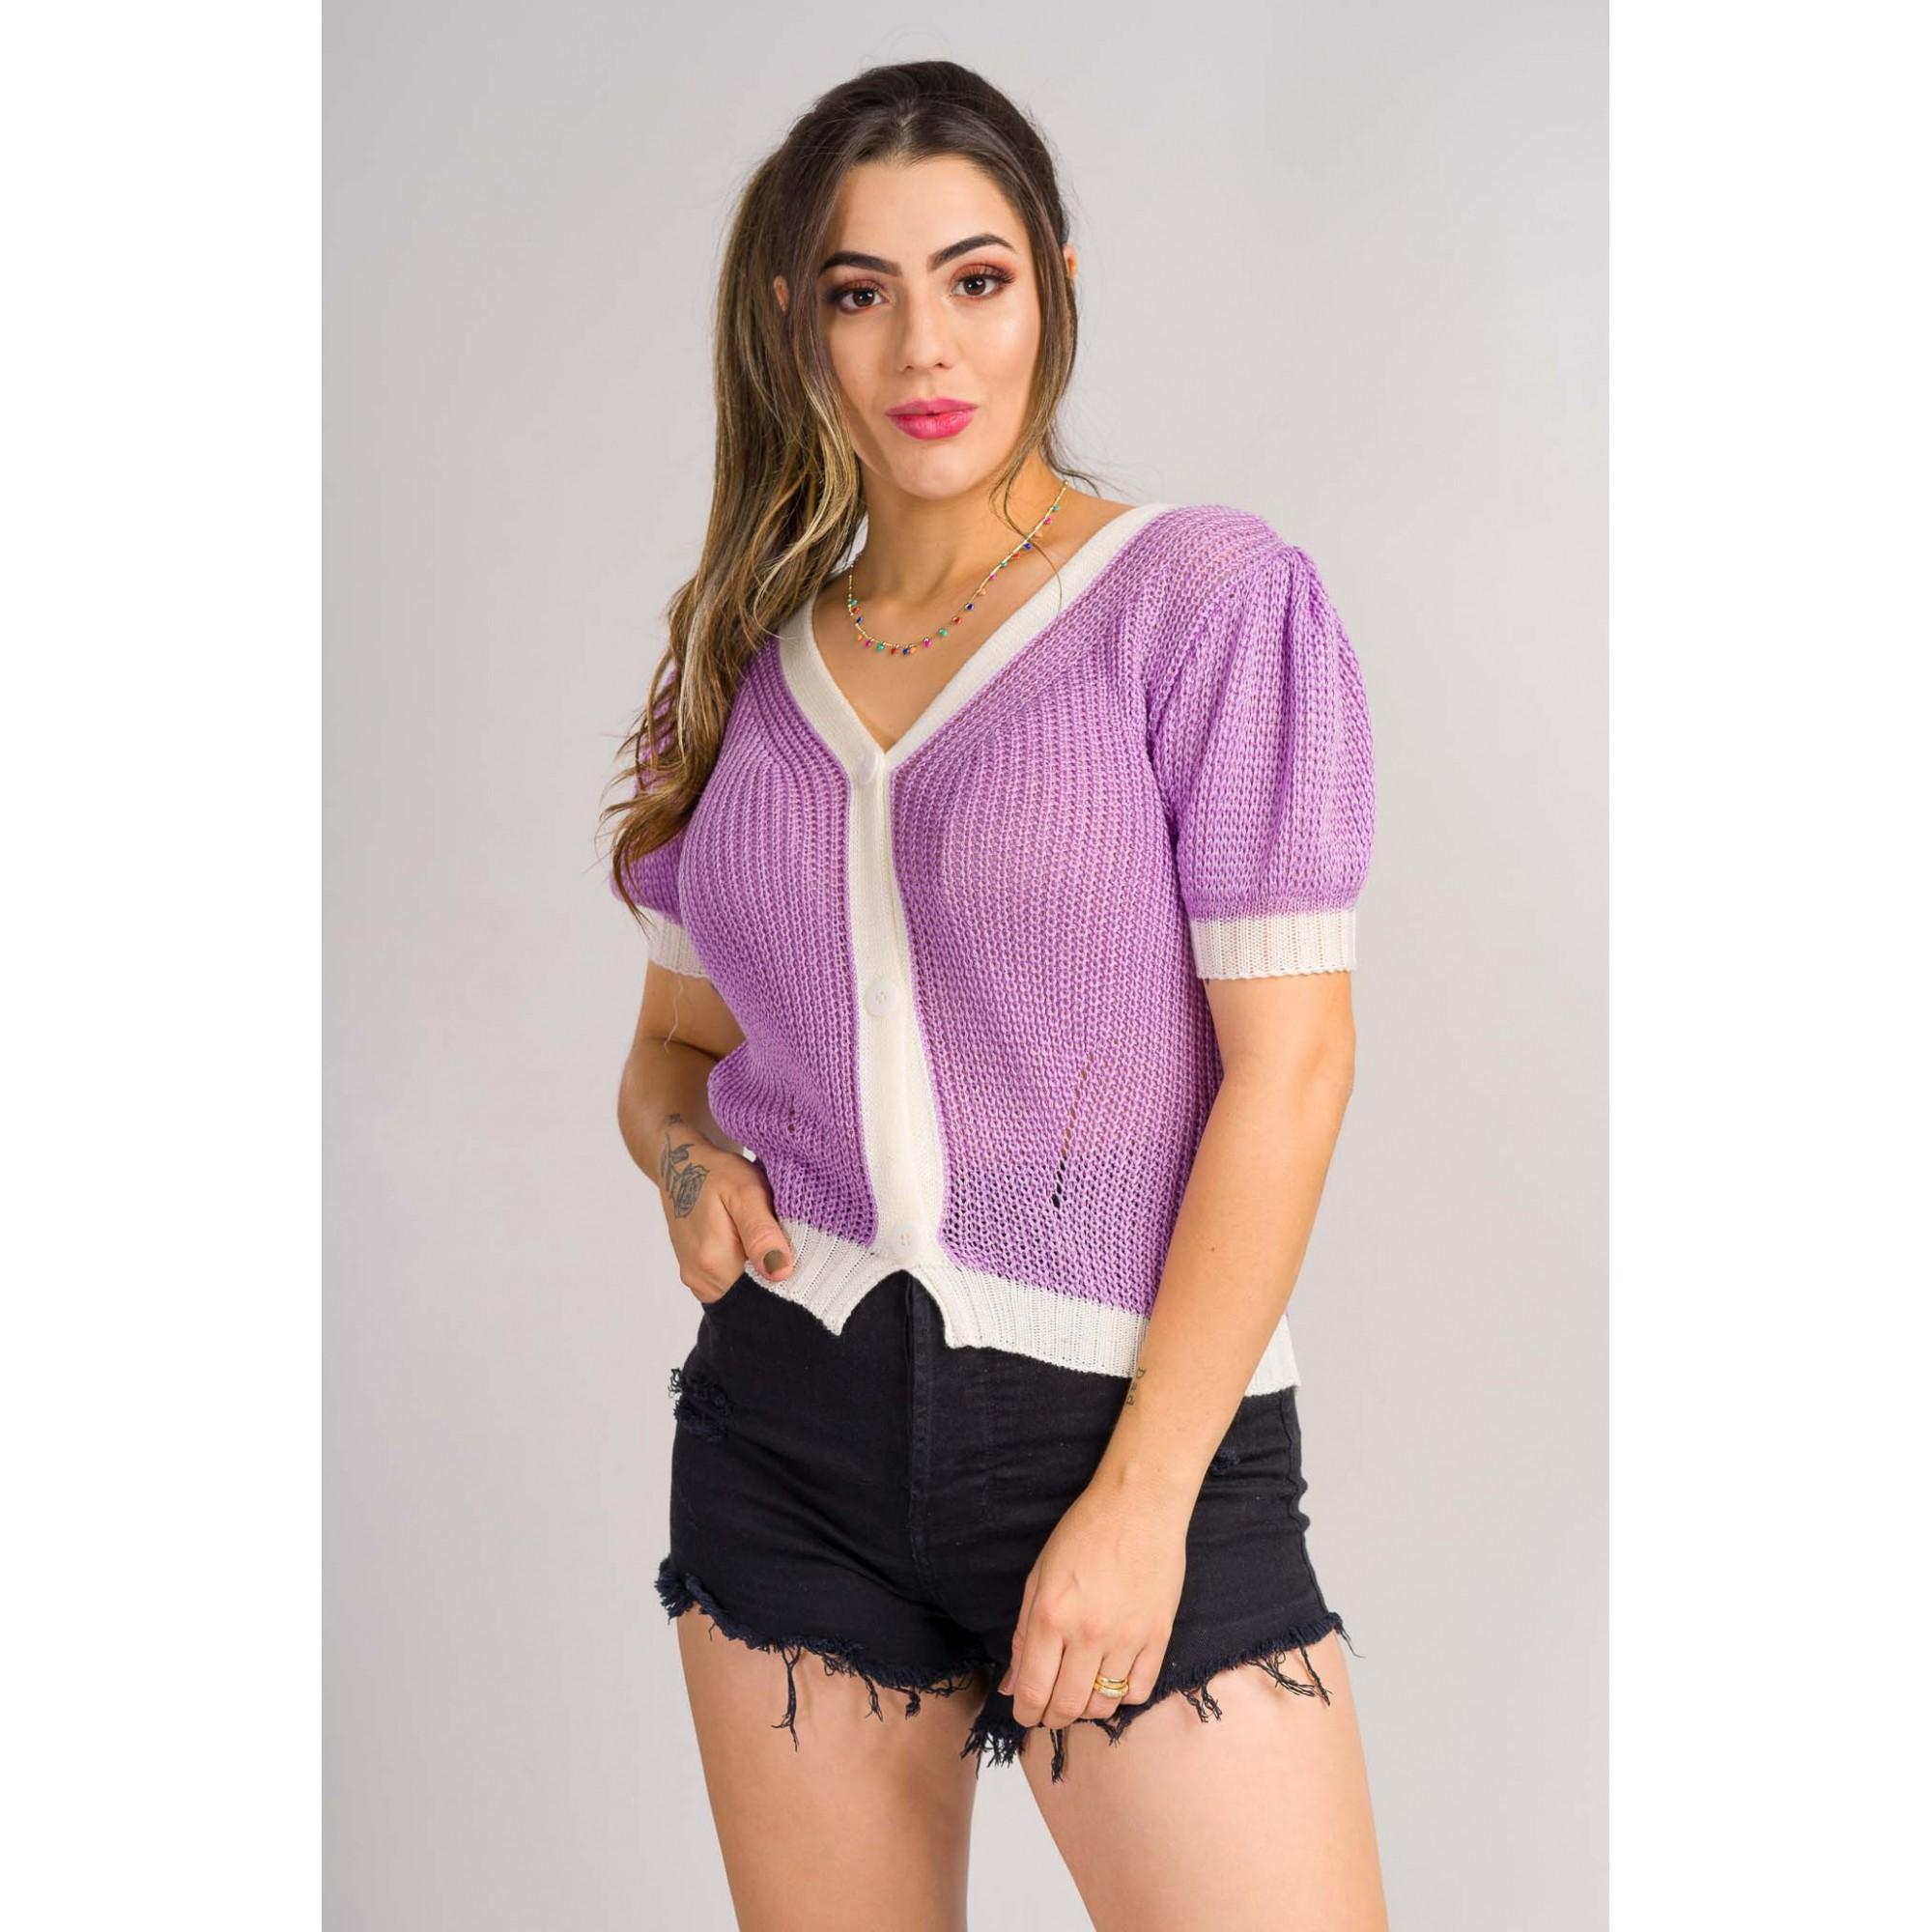 casaqueto tricot de verão tendencia moda blogueira